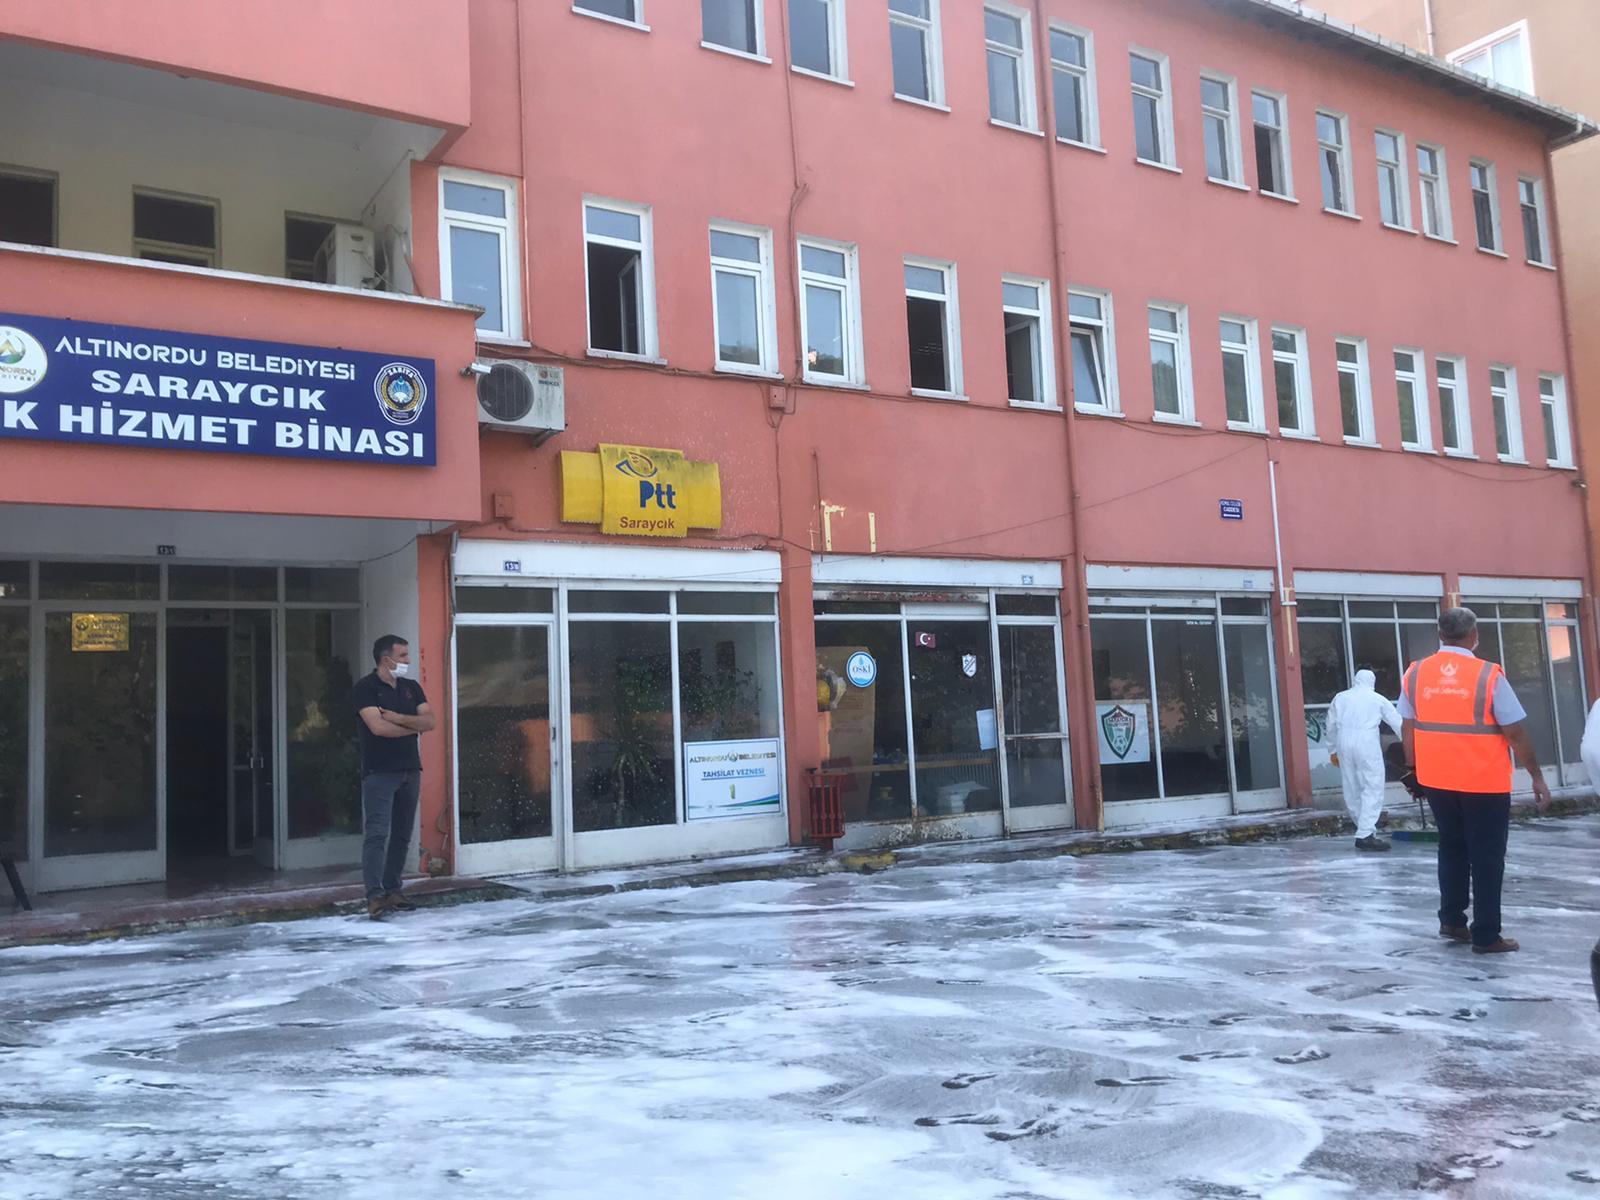 ALTINORDU BELEDİYESİ TÜM EKİPLERİYLE SARAYCIK'A ÇIKARMA YAPTI